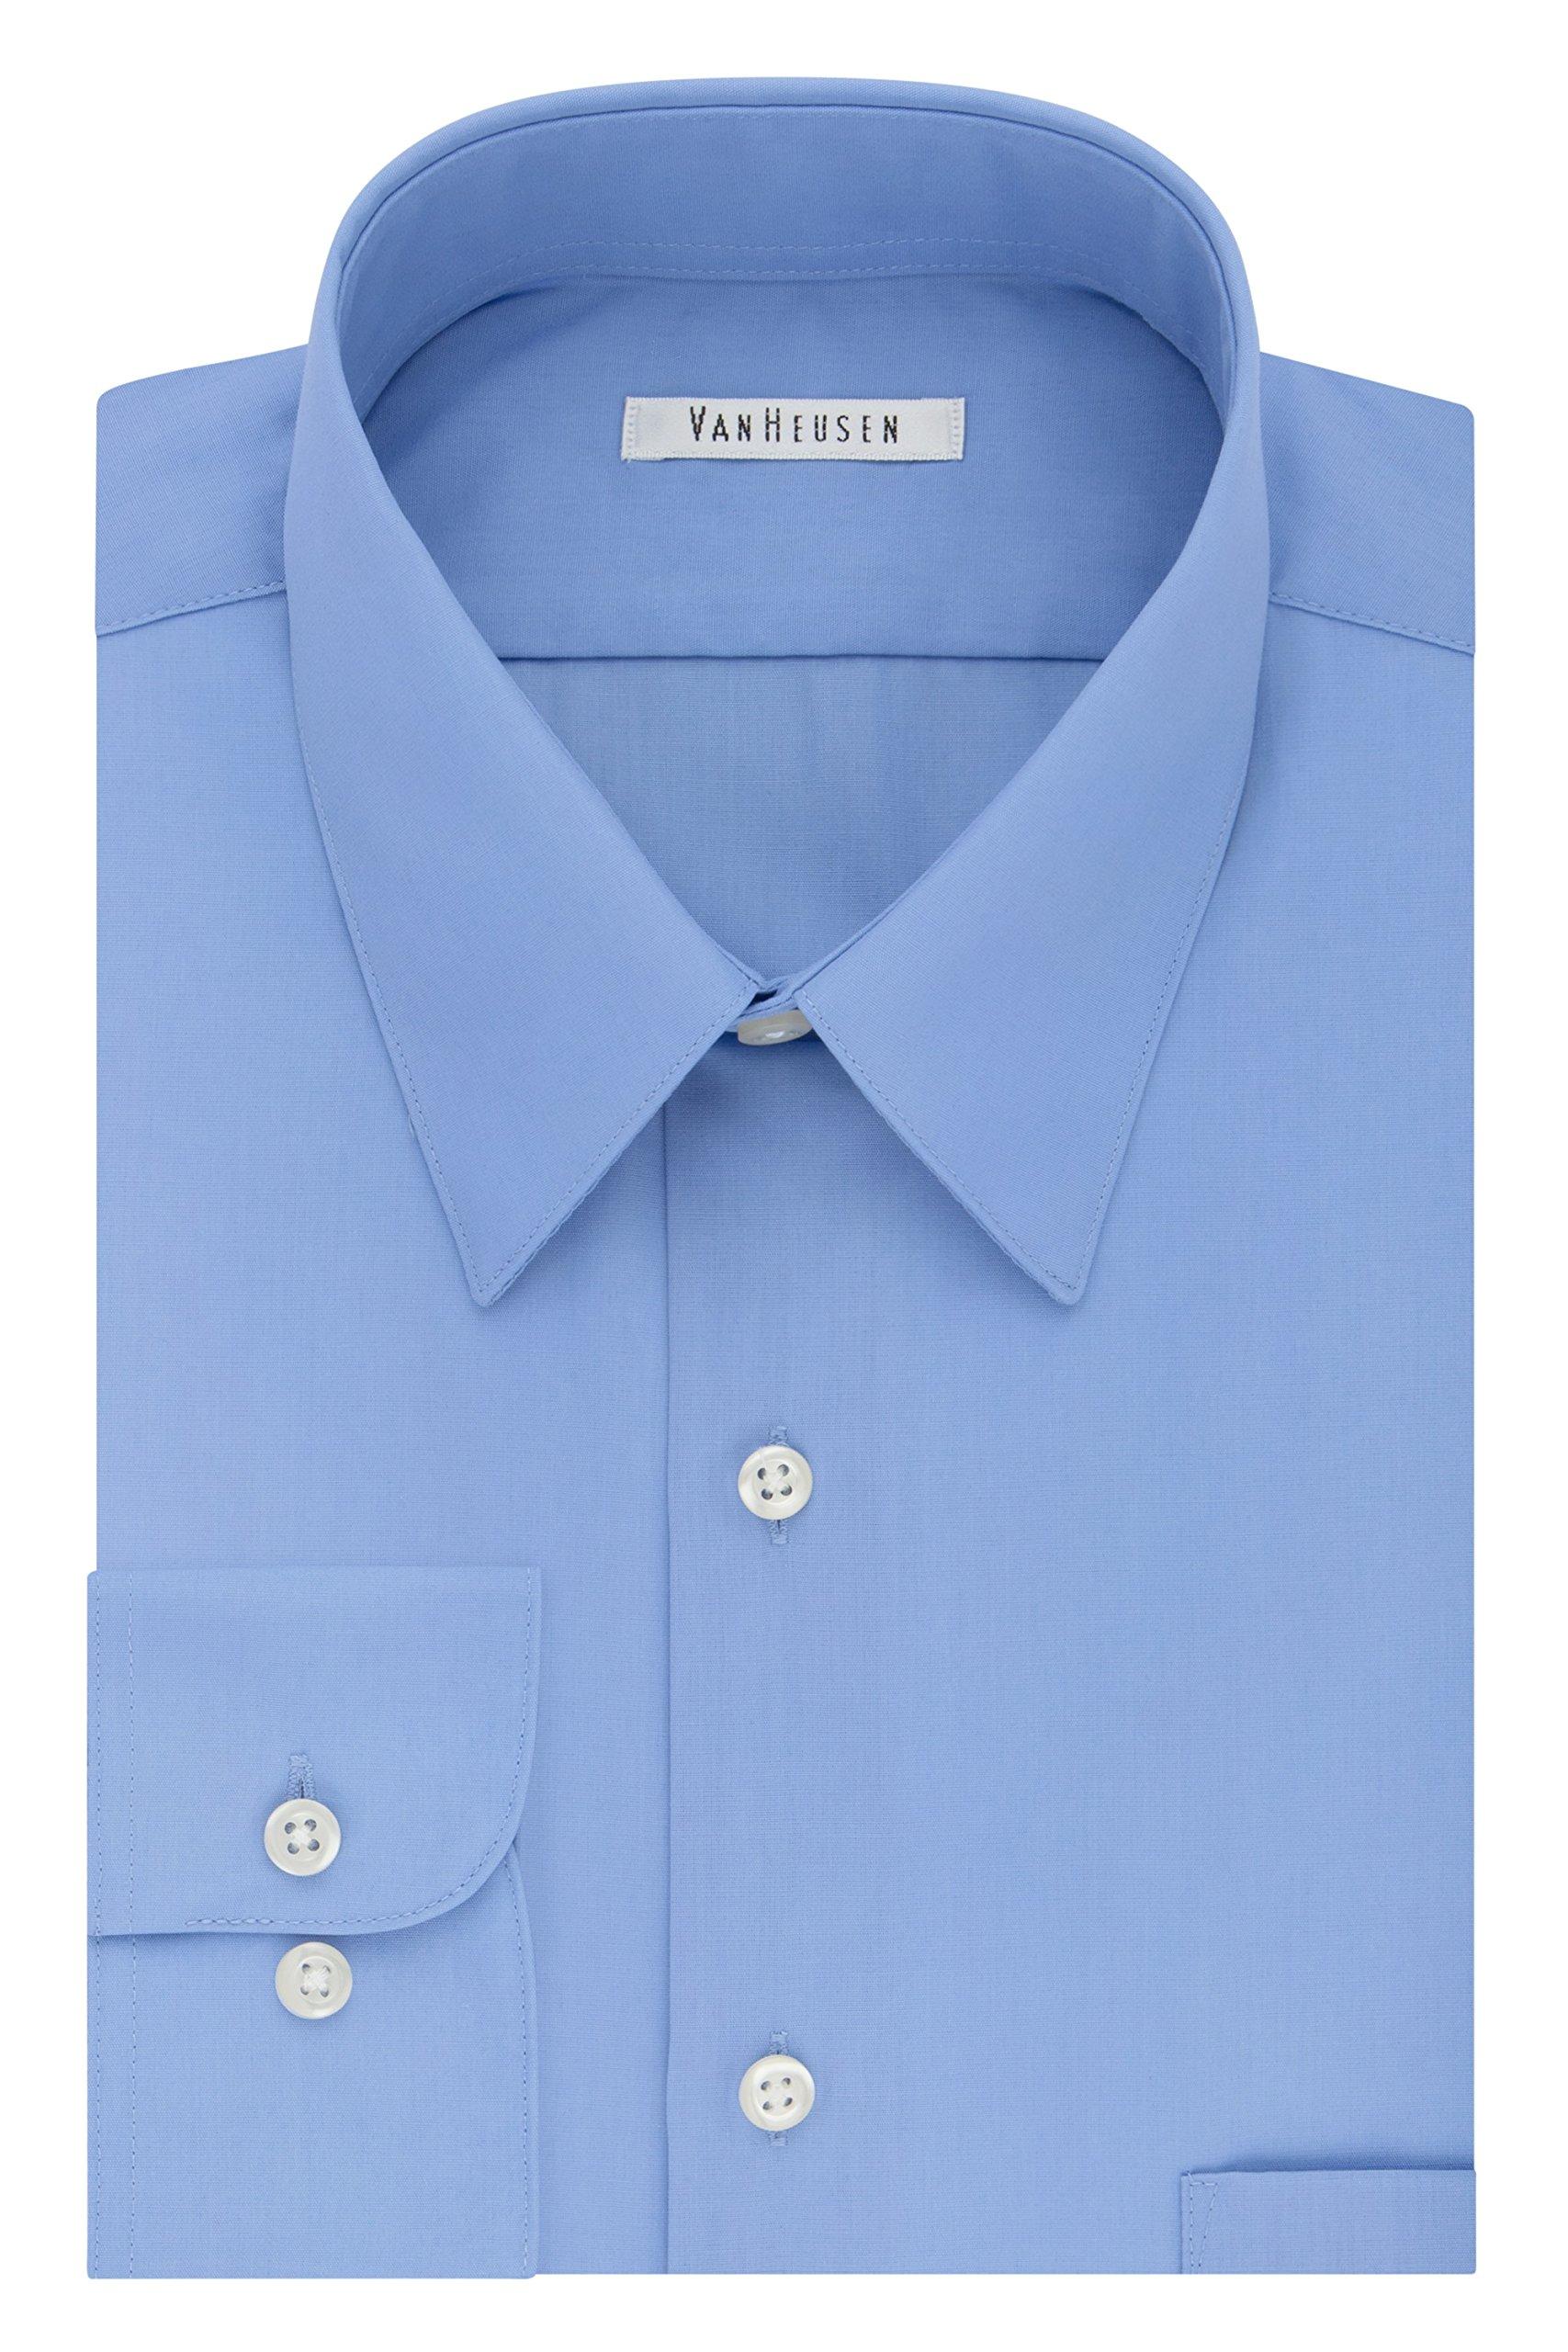 Van Heusen Men's Tall Dress Shirt Big Fit Poplin, Cameo Blue, 20'' Neck 34''-35'' Sleeve